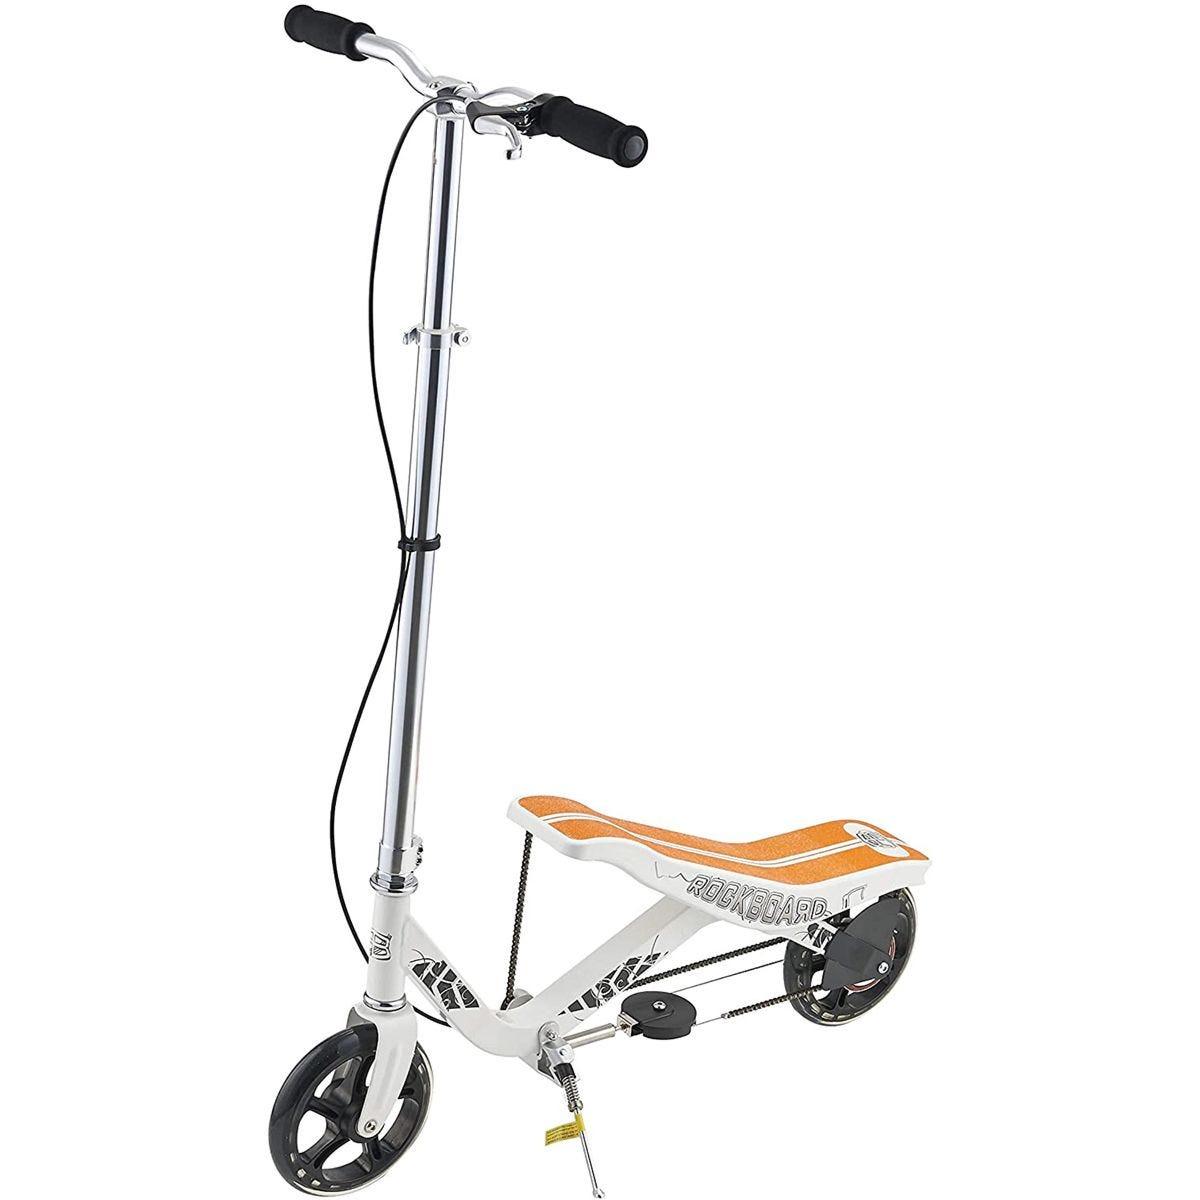 Rockboard RBX Kick Scooter with Flywheel, Air Pressure Damper, Brakes & Air Suspension - White